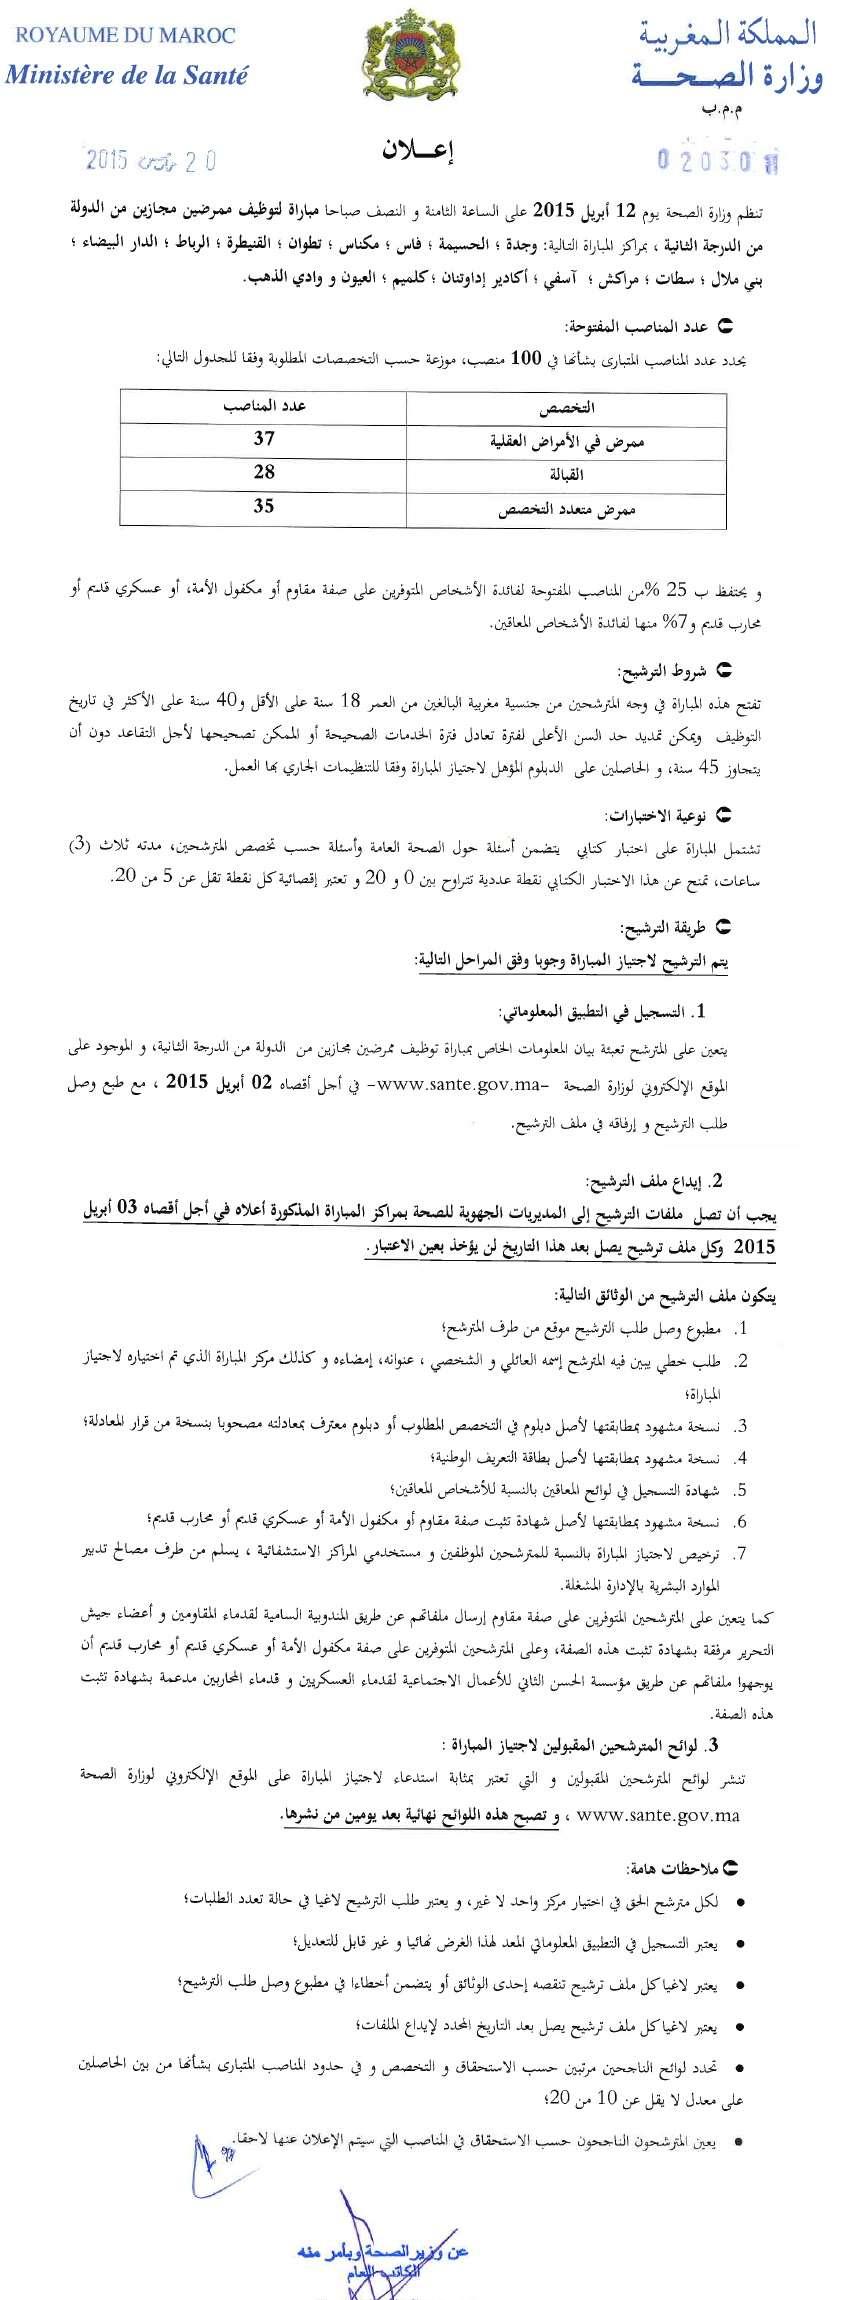 وزارة الصحة : مباراة لتوظيف ممرض مجاز من الدولة من الدرجة الثانية ~ سلم 9 (100 منصب) آخر أجل لإيداع الترشيحات 3 ابريل 2015 Concou14